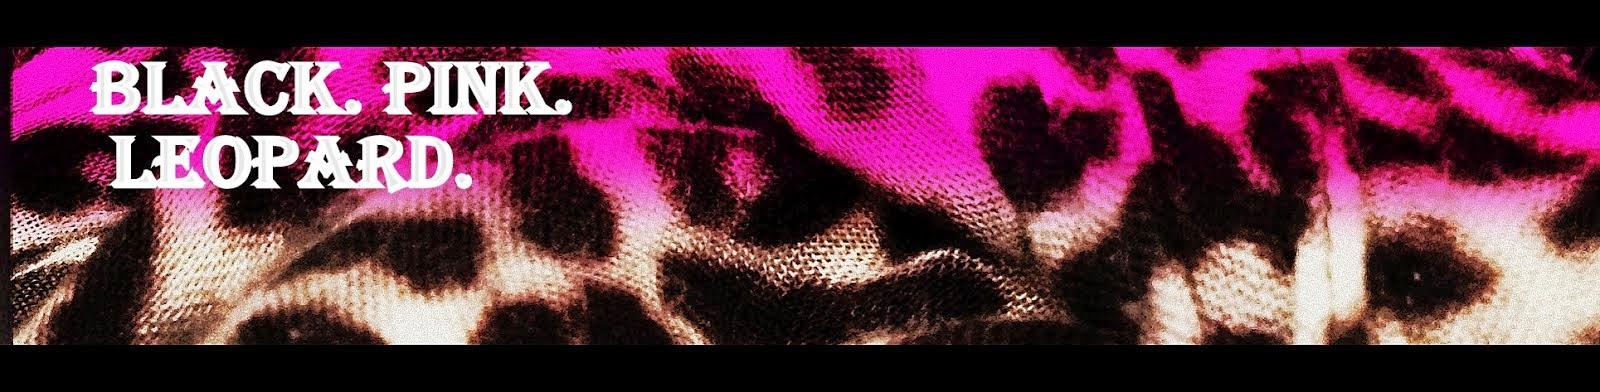 Black Pink Leopard